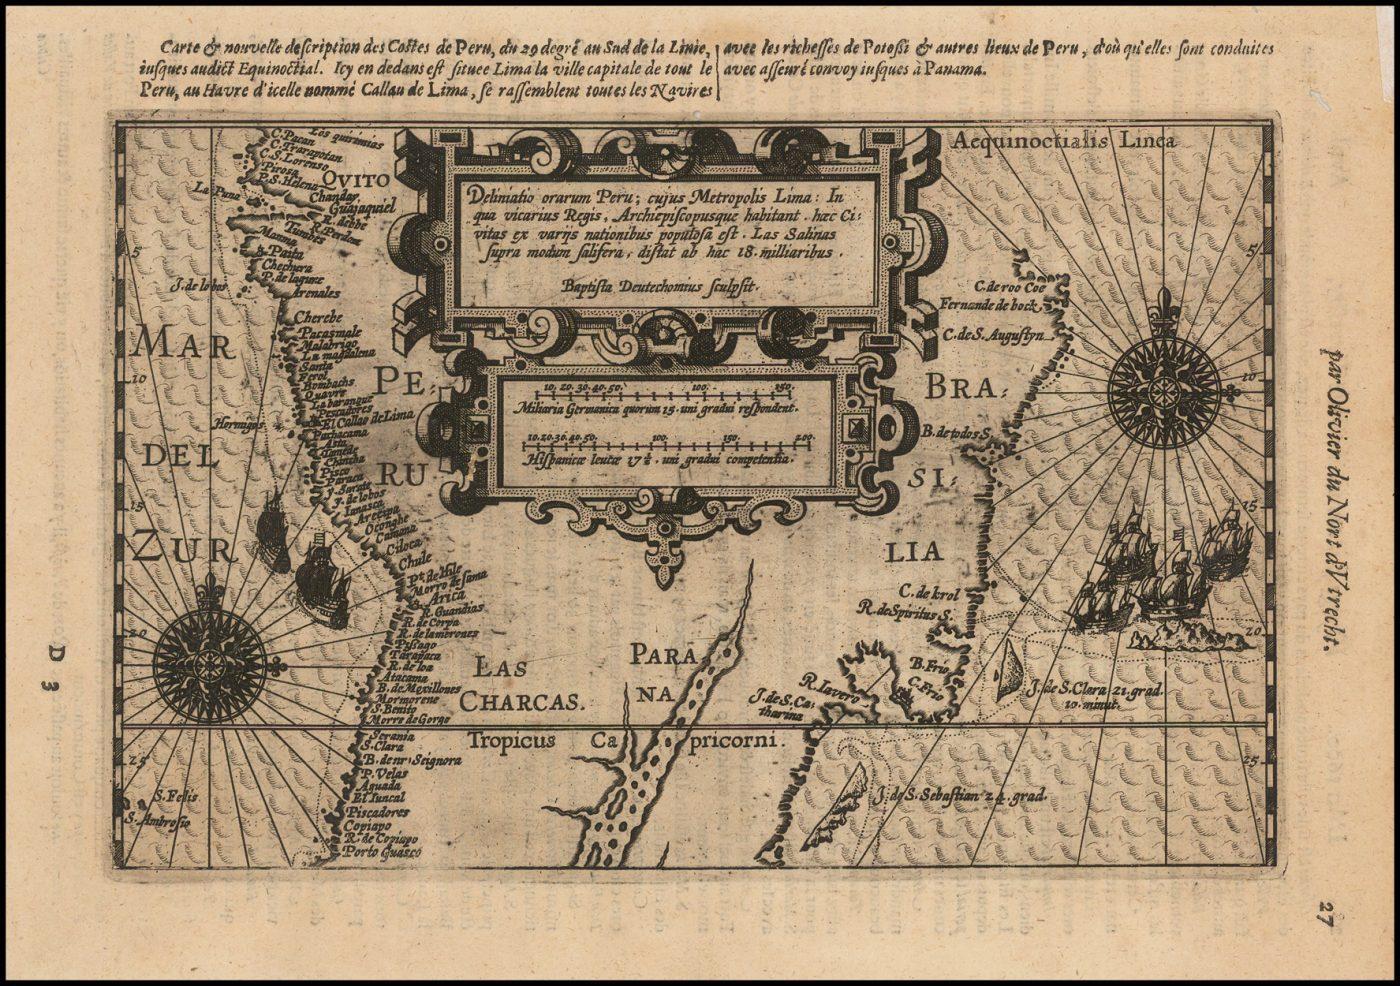 Редкая ранняя карта берегов Бразилии, Чили и Перу и верхней Рио-платы - одна из самых важных южноамериканских карт начала XVII века